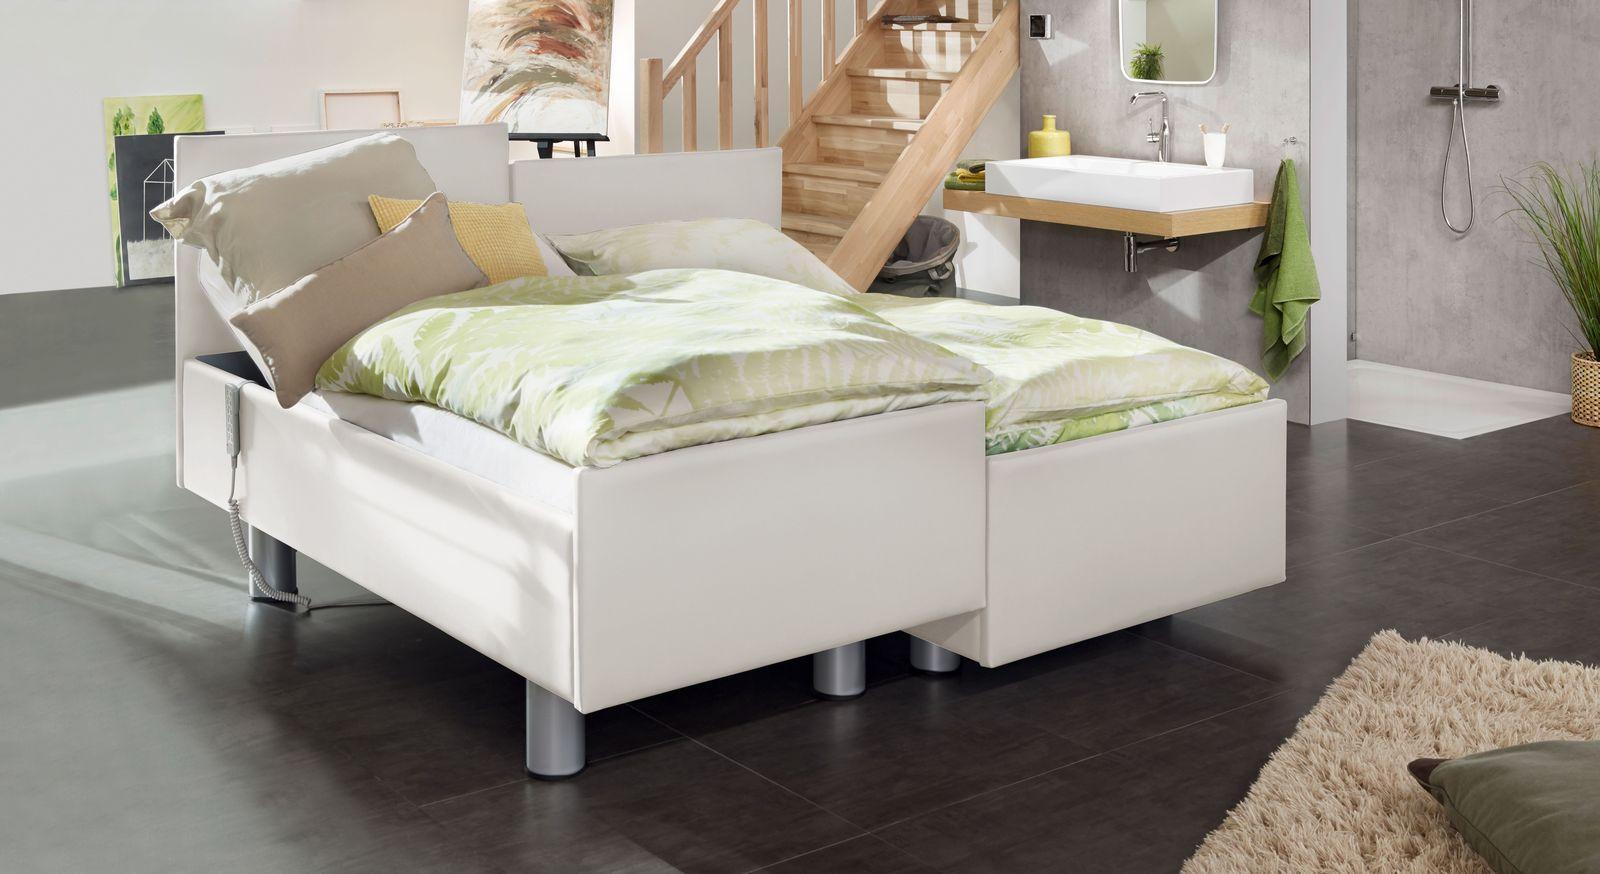 Komfortbett mit Pflegebett-Funktion Fulda in weißem Kunstleder